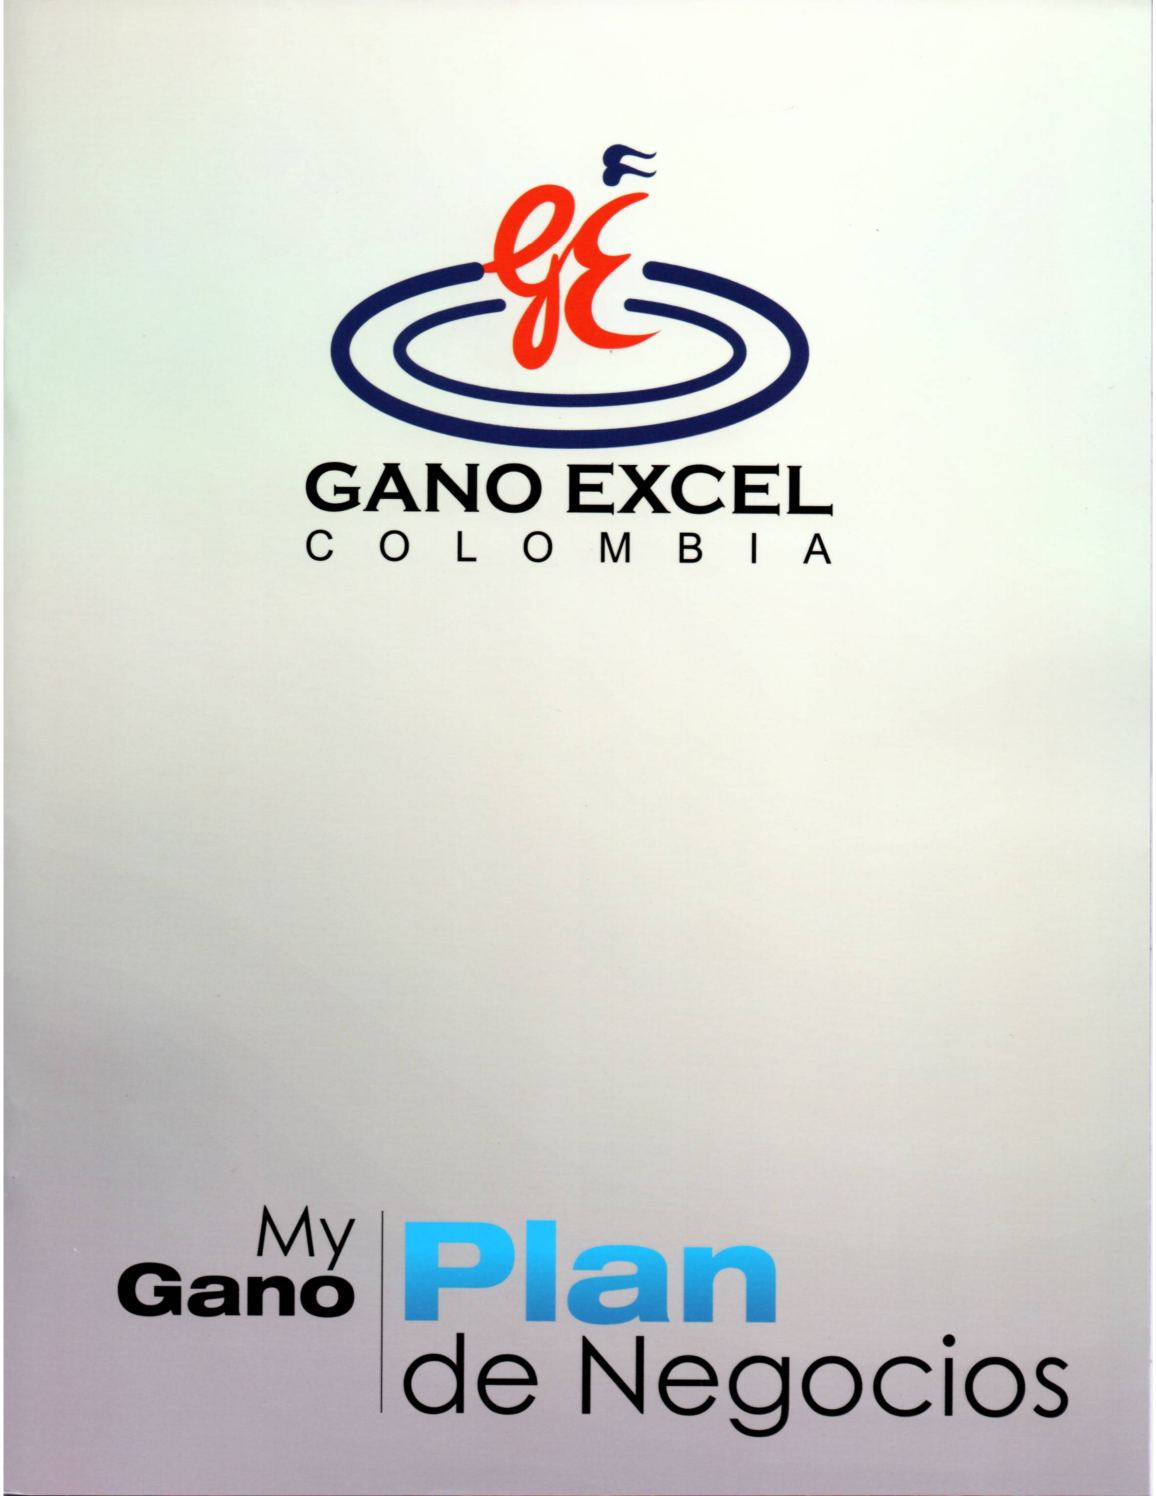 My Gano Plan De Negocios Gano Excel Colombia (1)